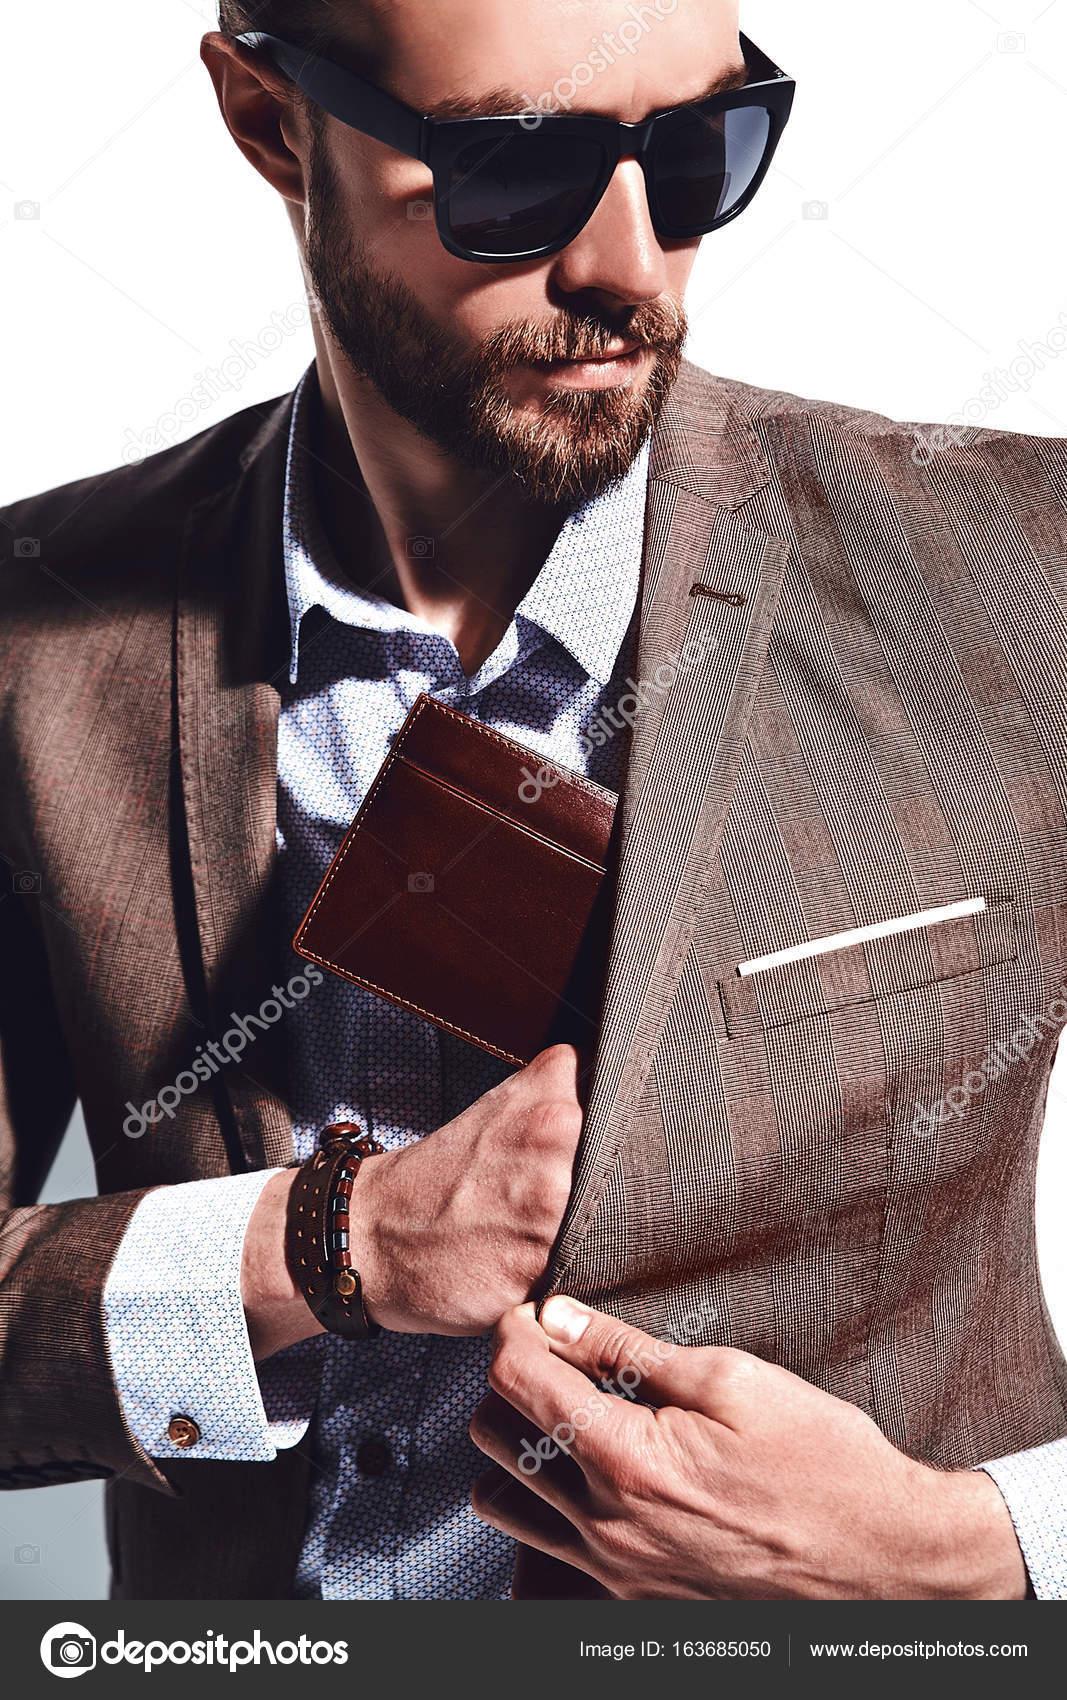 06791d4cdfd1c ... estilo empresario modelo vestido con elegante traje marrón en gafas de  sol posando junto a la pared blanca en estudio. Saca o ponga su cartera de  cuero ...